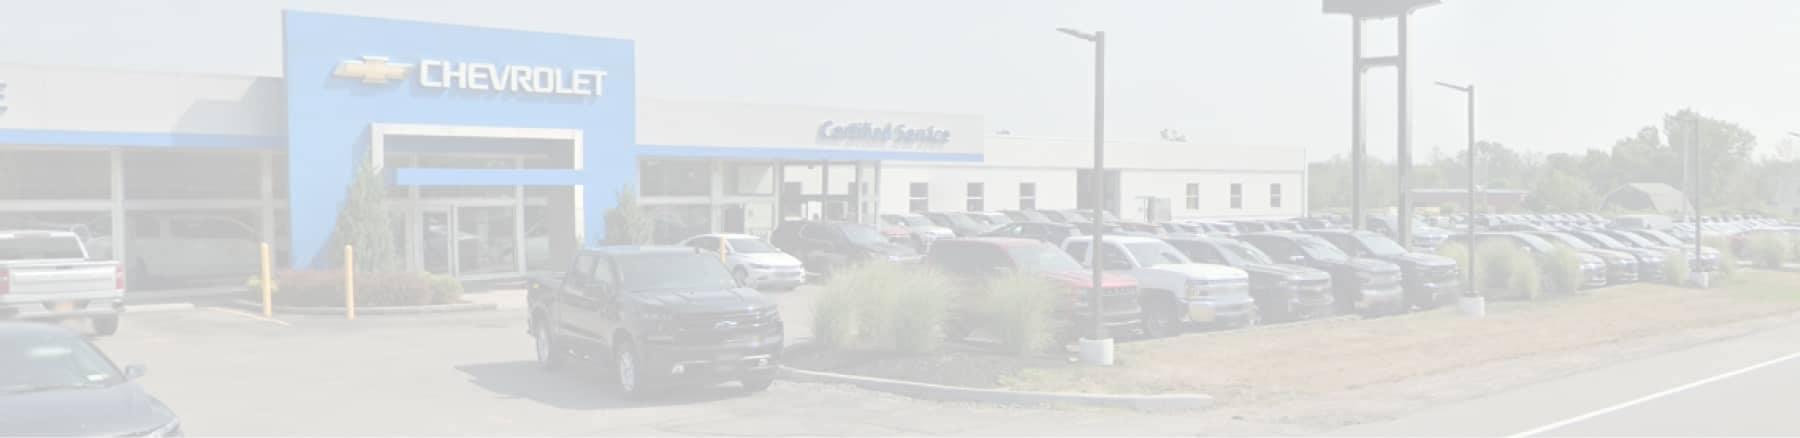 Garber Chevy Webster faded dealership background